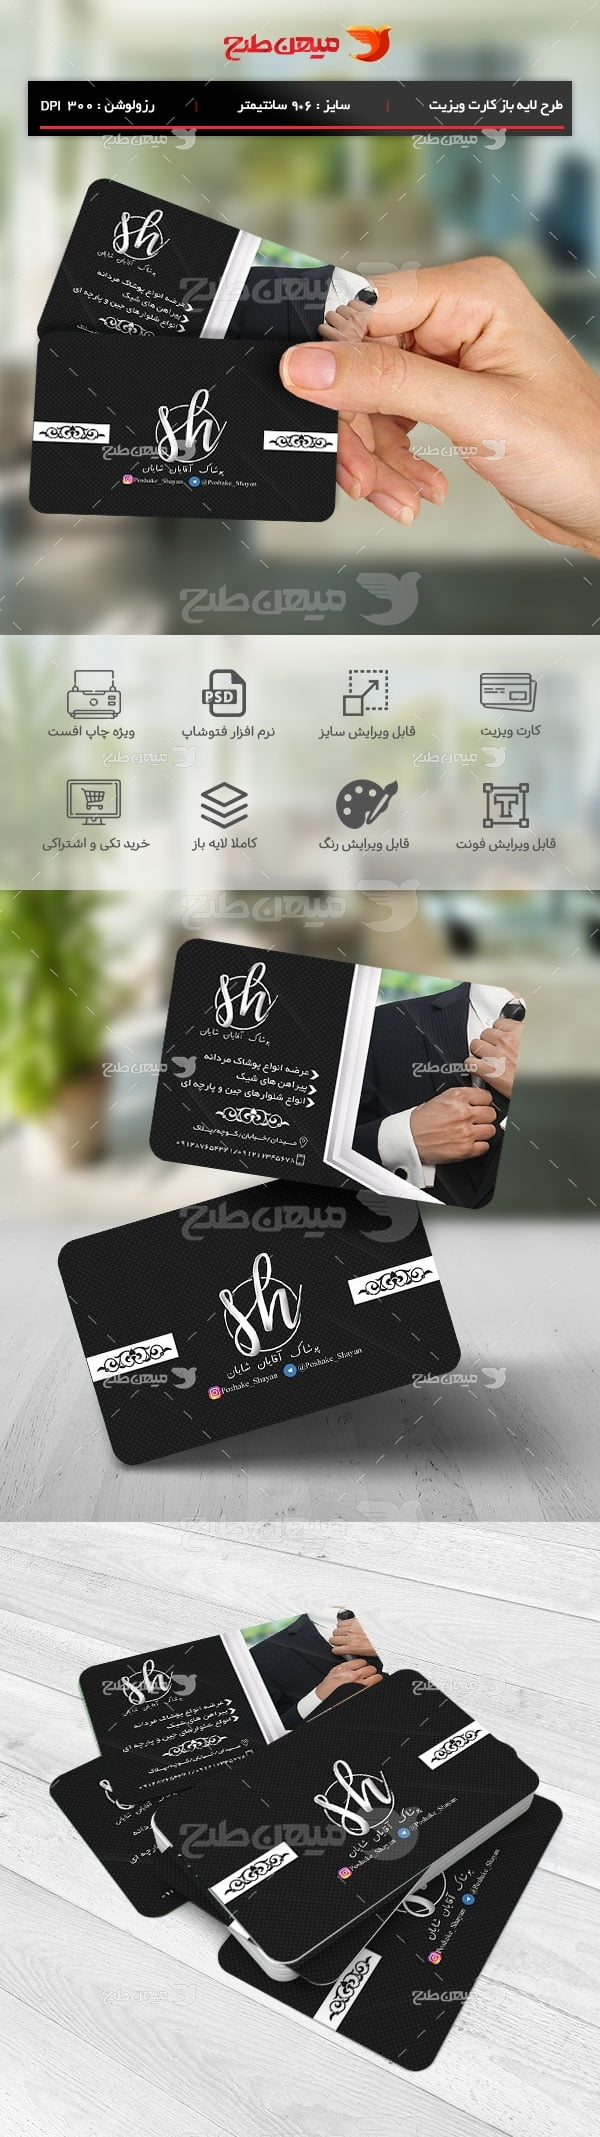 طرح لایه باز کارت ویزیت پوشاک آقایان